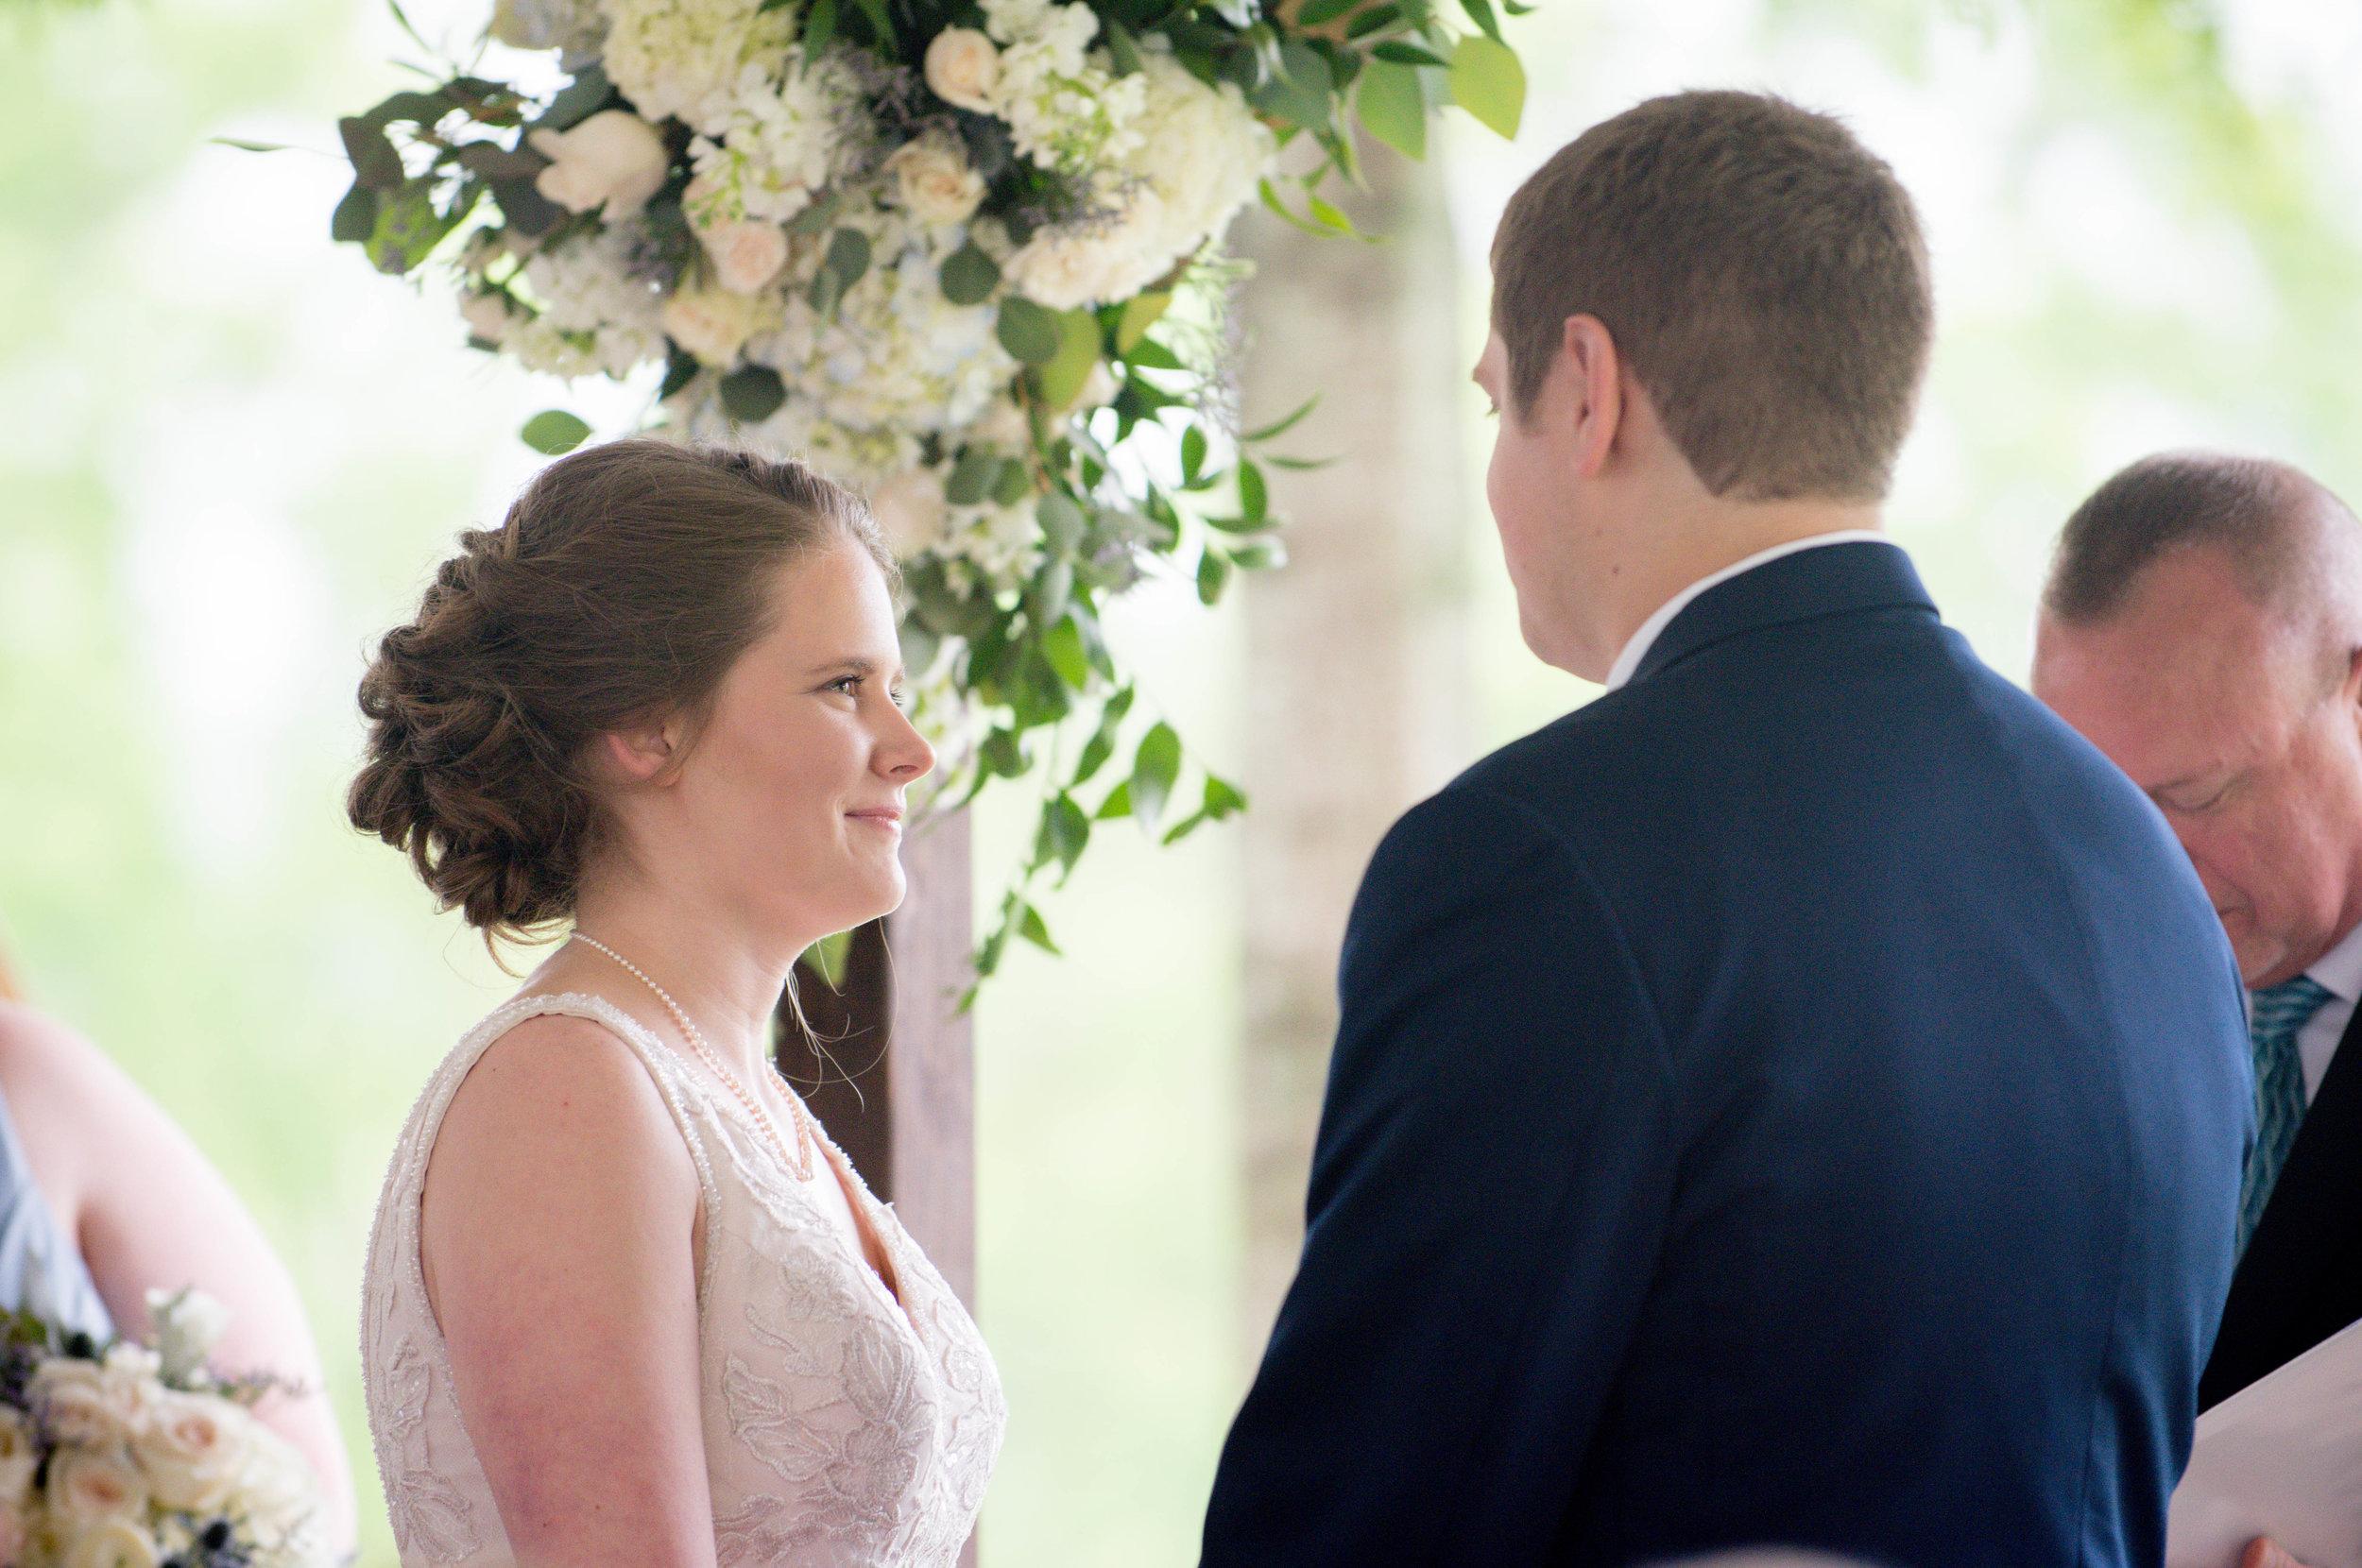 blue-ridge-wedding-ashley-nicole-photography-restoration-hall-crozetphotography-restorationhall-charlottesville-wedding_ceremony-62.jpg